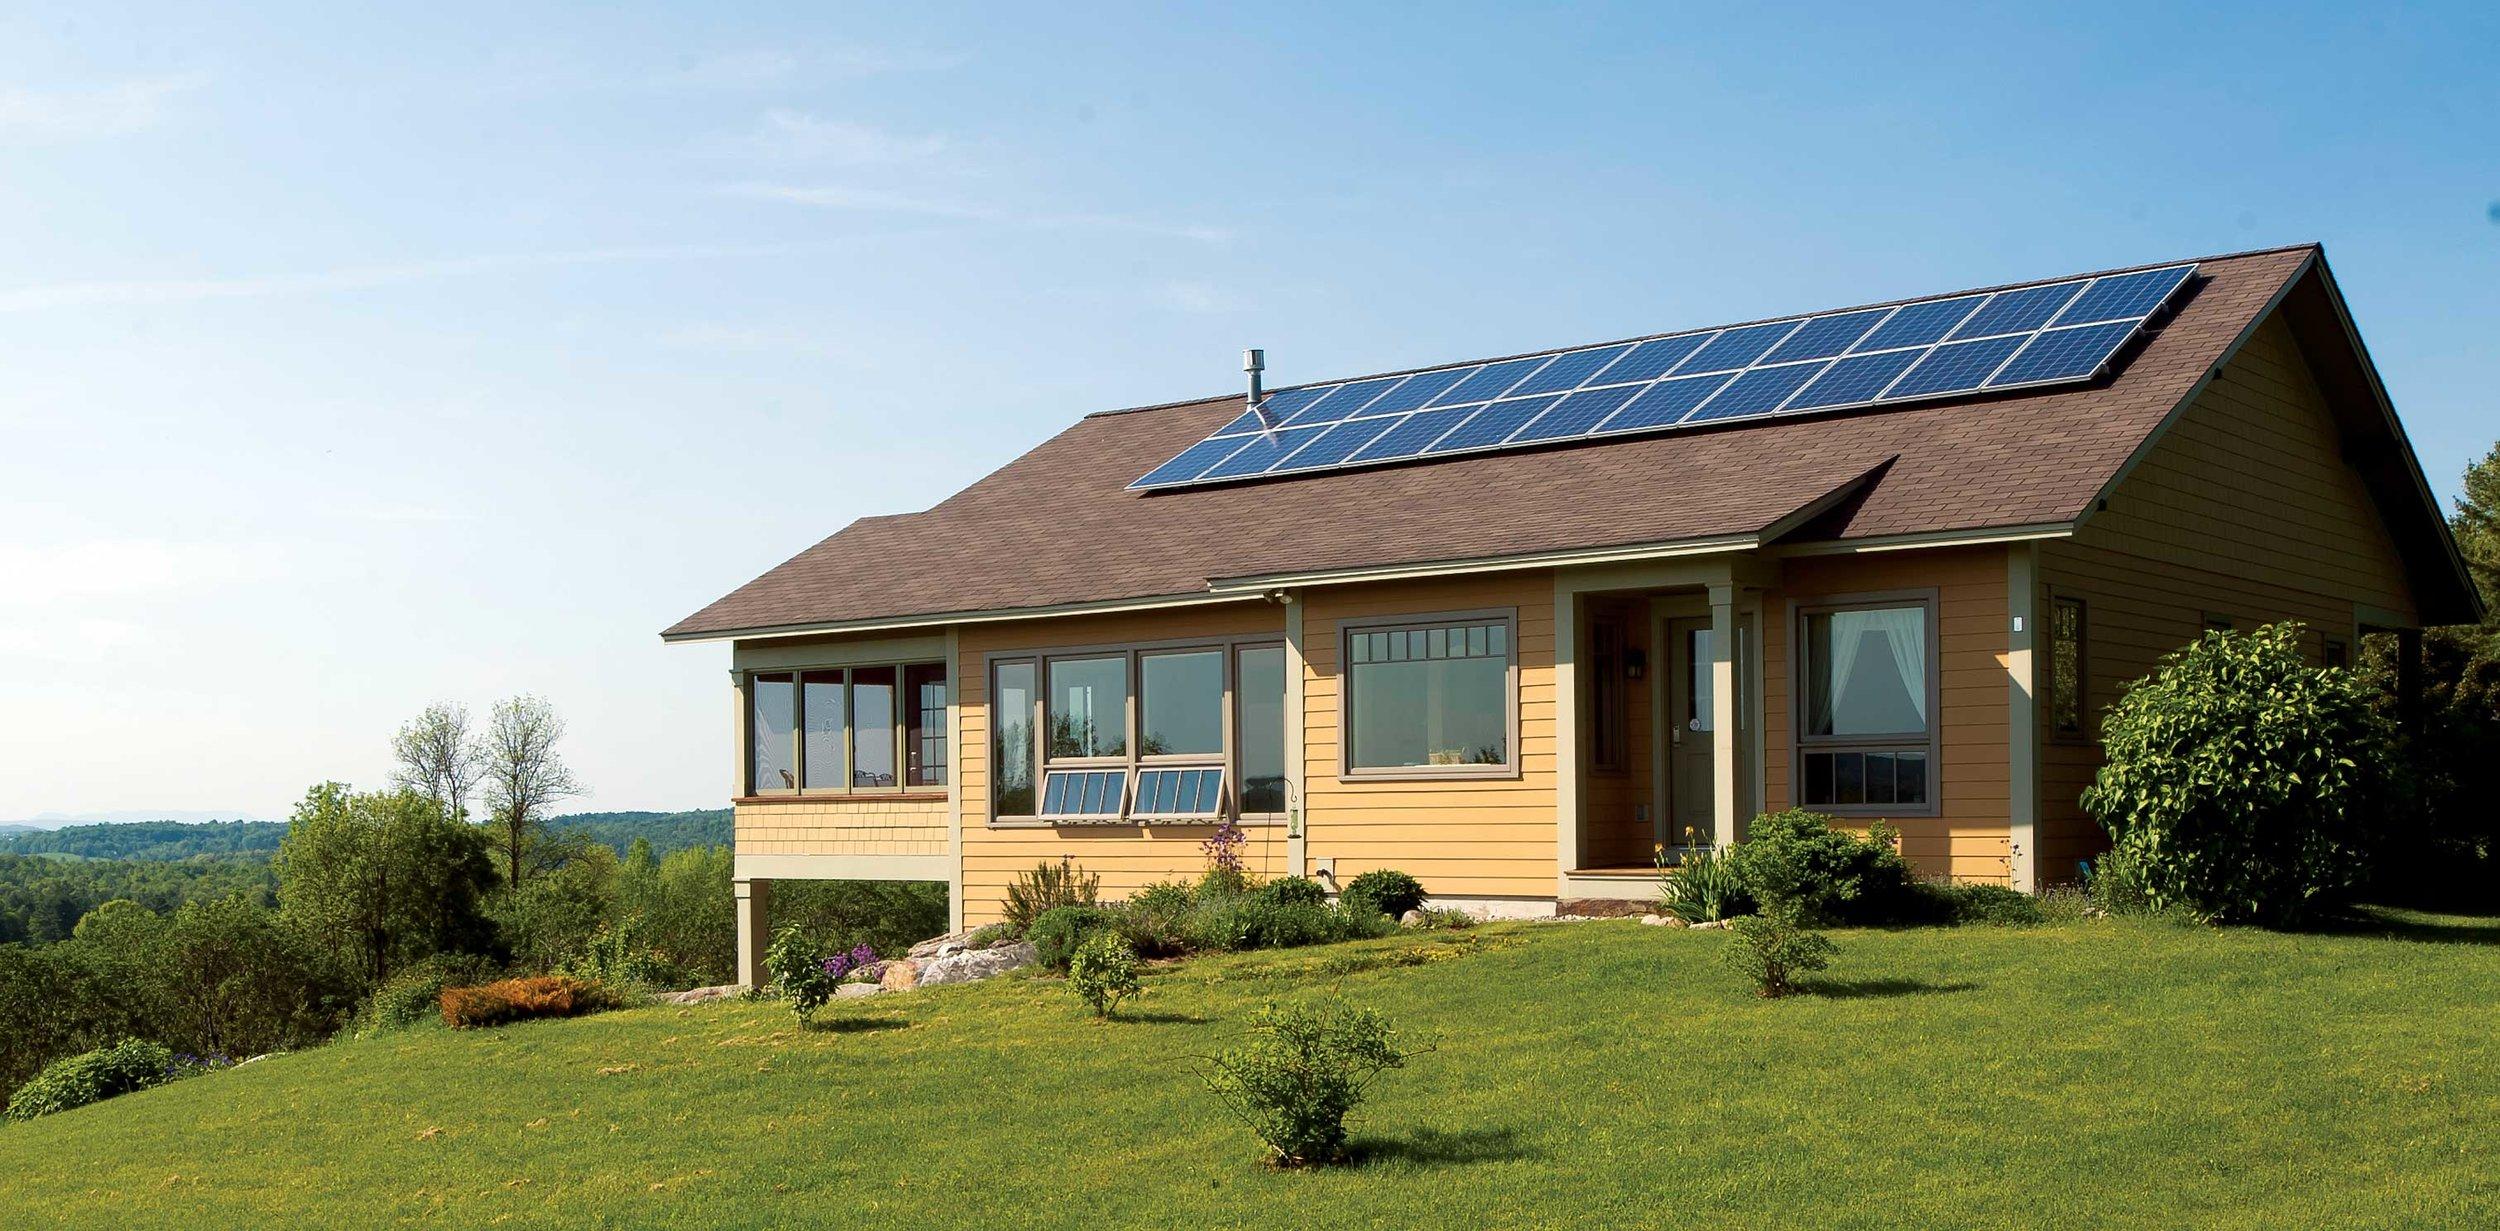 1874-10-house-solar-panels.jpg